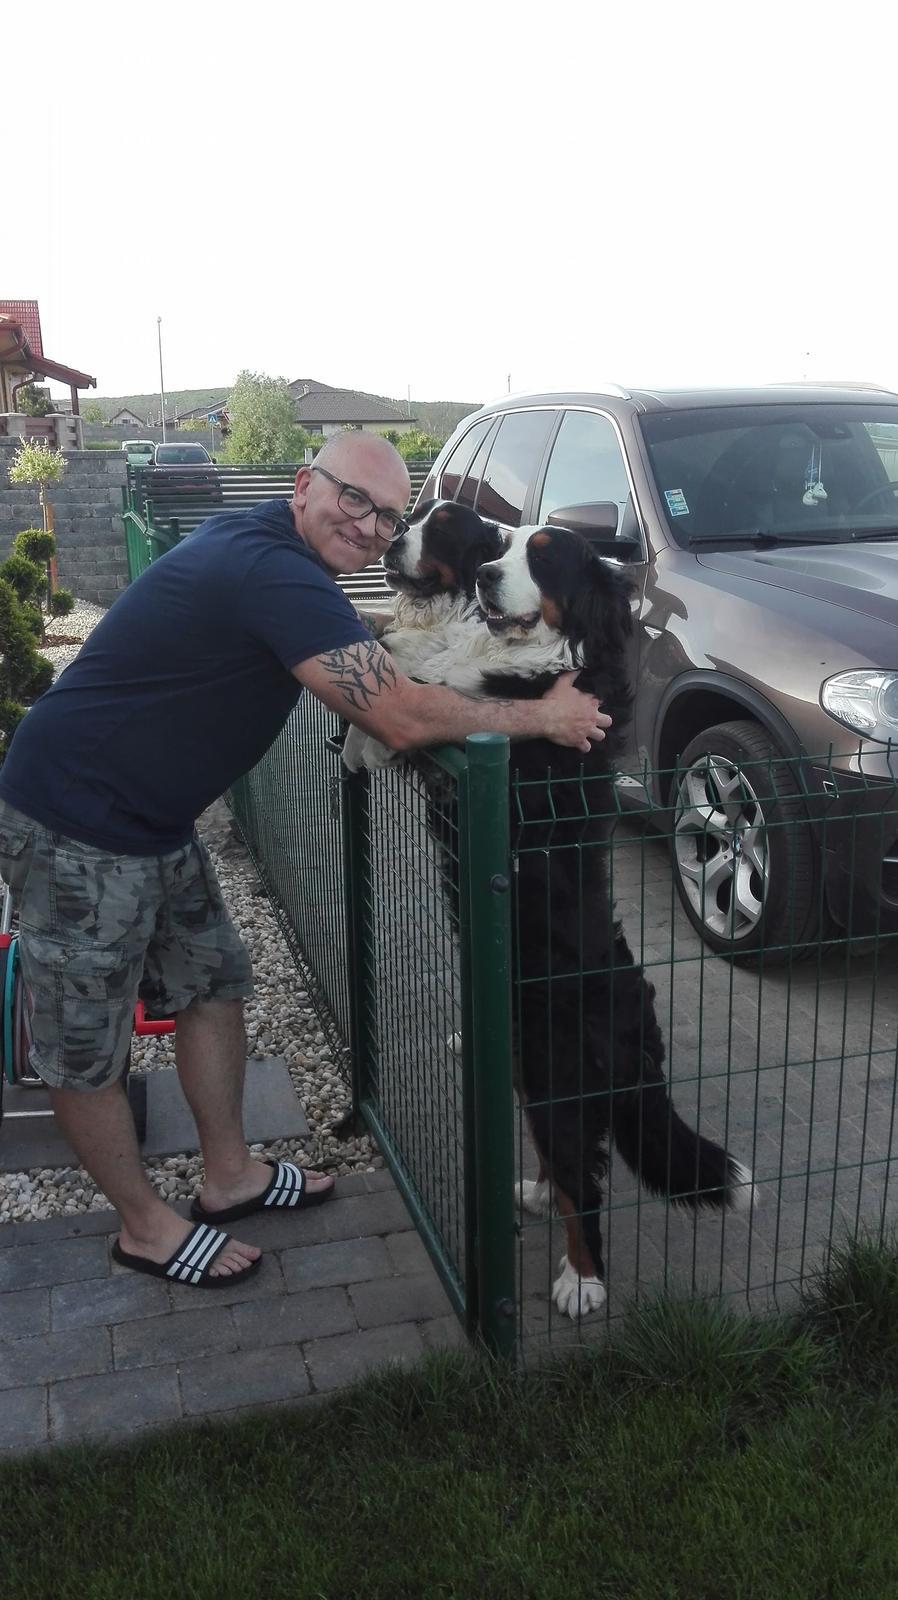 Nas zverinec - dve fenky,jeden pes a dvaja kocurikovia - Obrázok č. 76